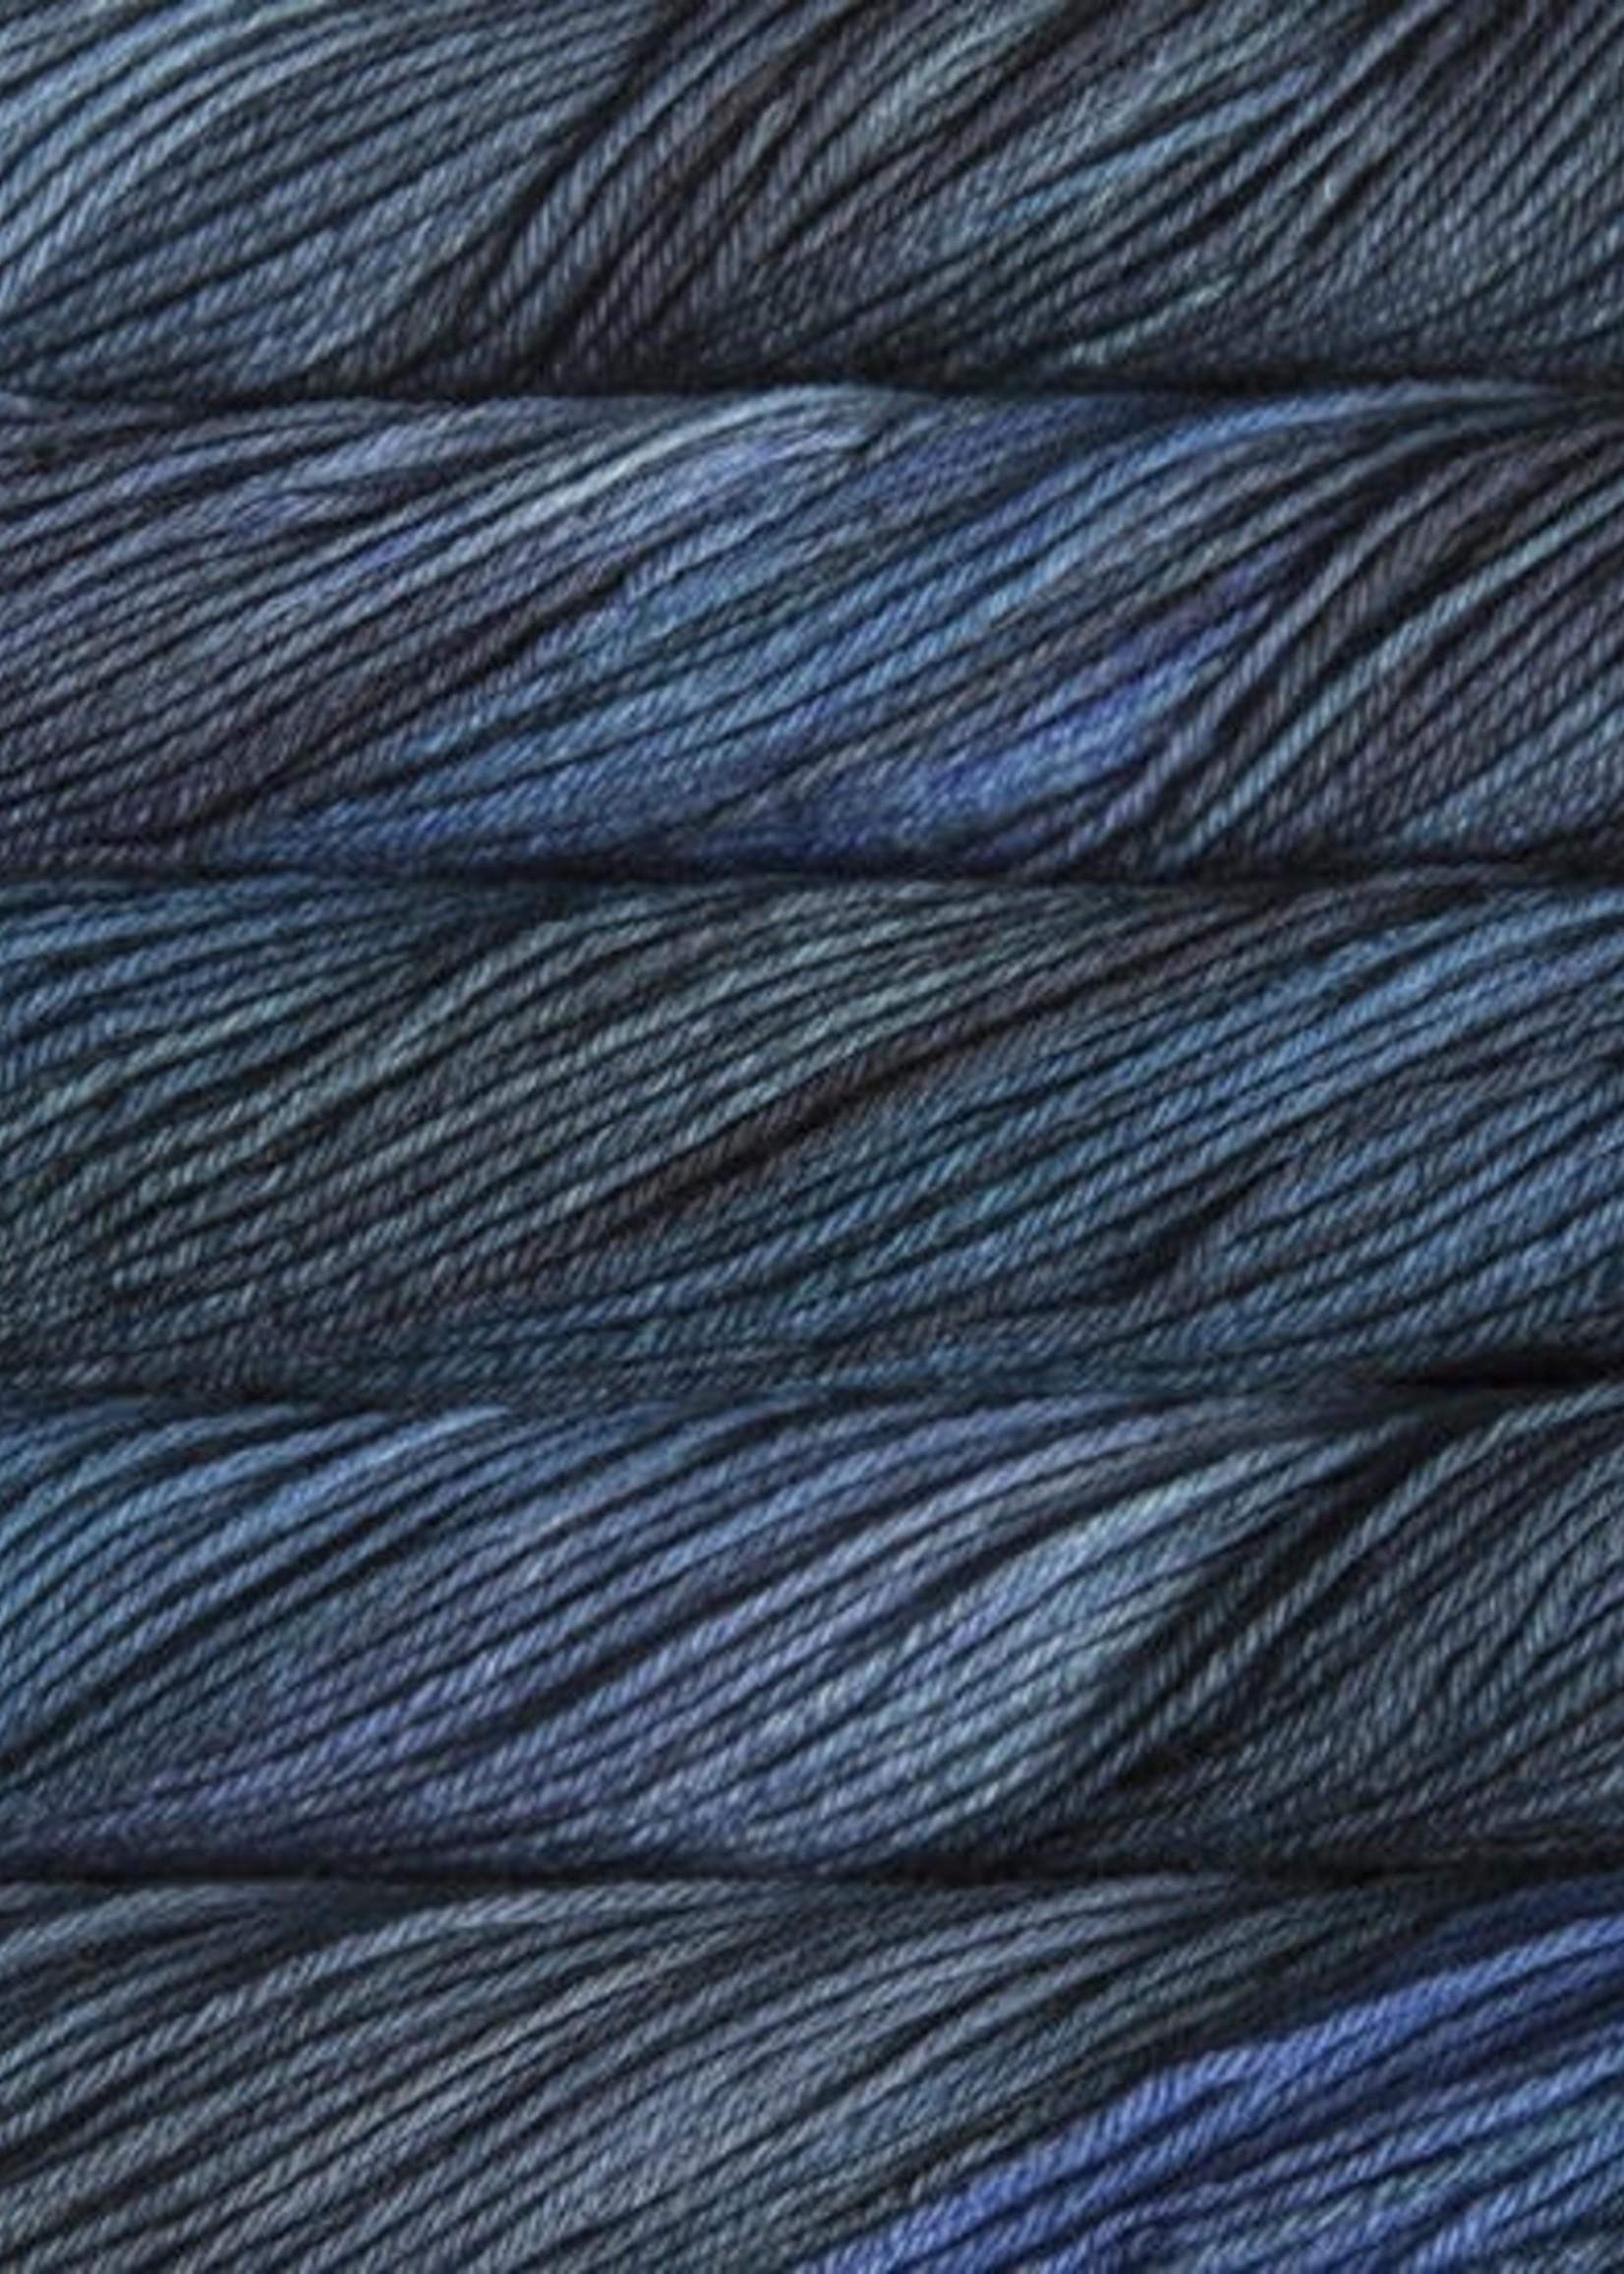 Malabrigo Yarn Malabrigo Arroyo Yarn #134 Regatta Blue